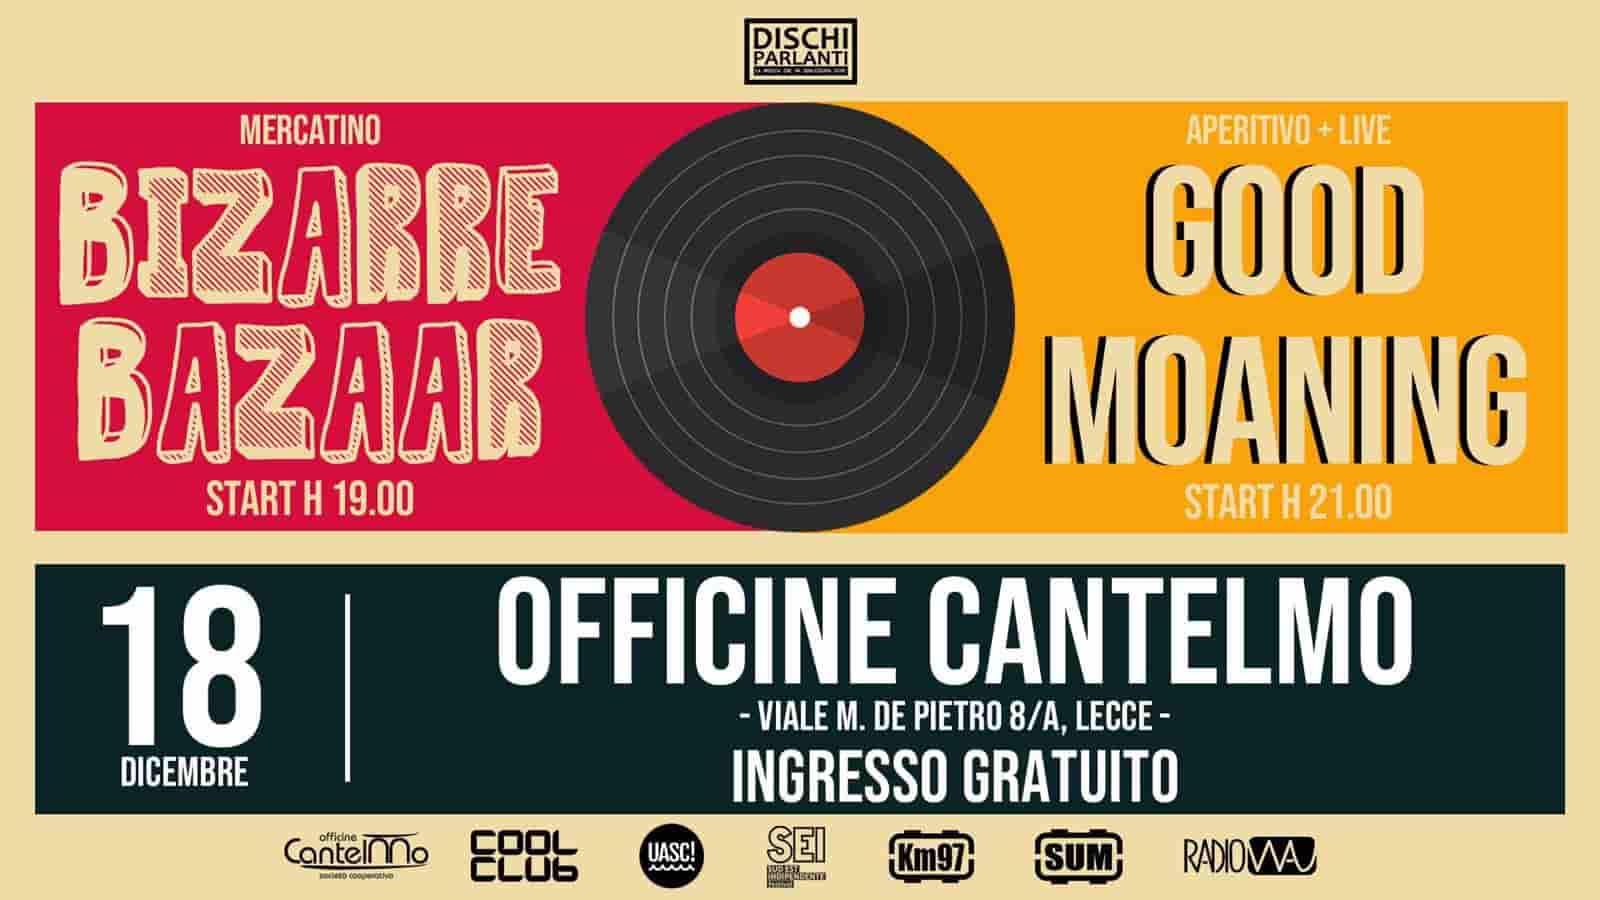 Good Moaning in concerto a Lecce per la speciale edizione natalizia di dischi parlanti targata Radio Wau